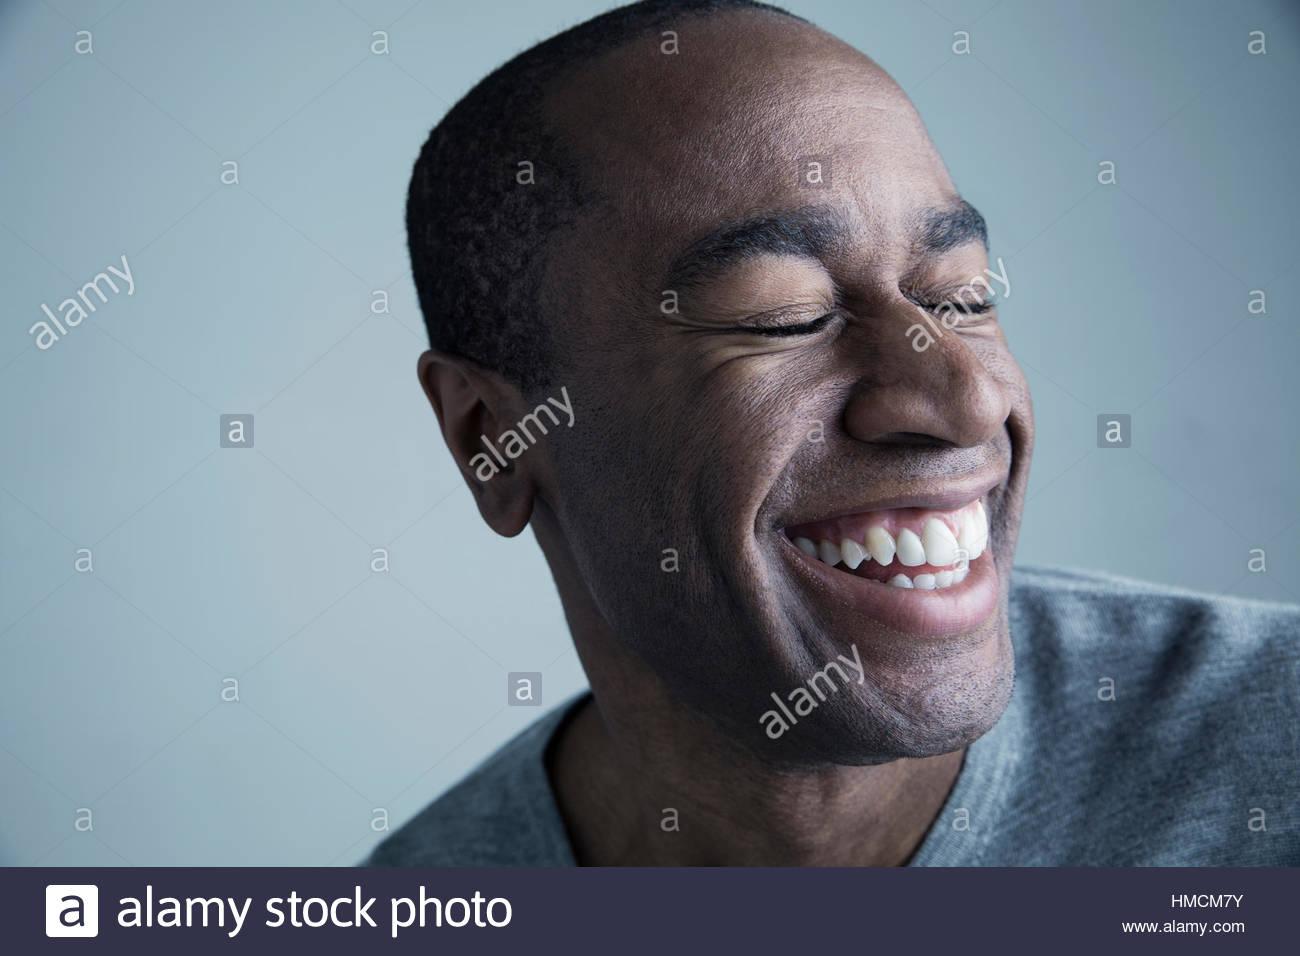 Retrato hombre afroamericano sonriendo con los ojos cerrados Imagen De Stock